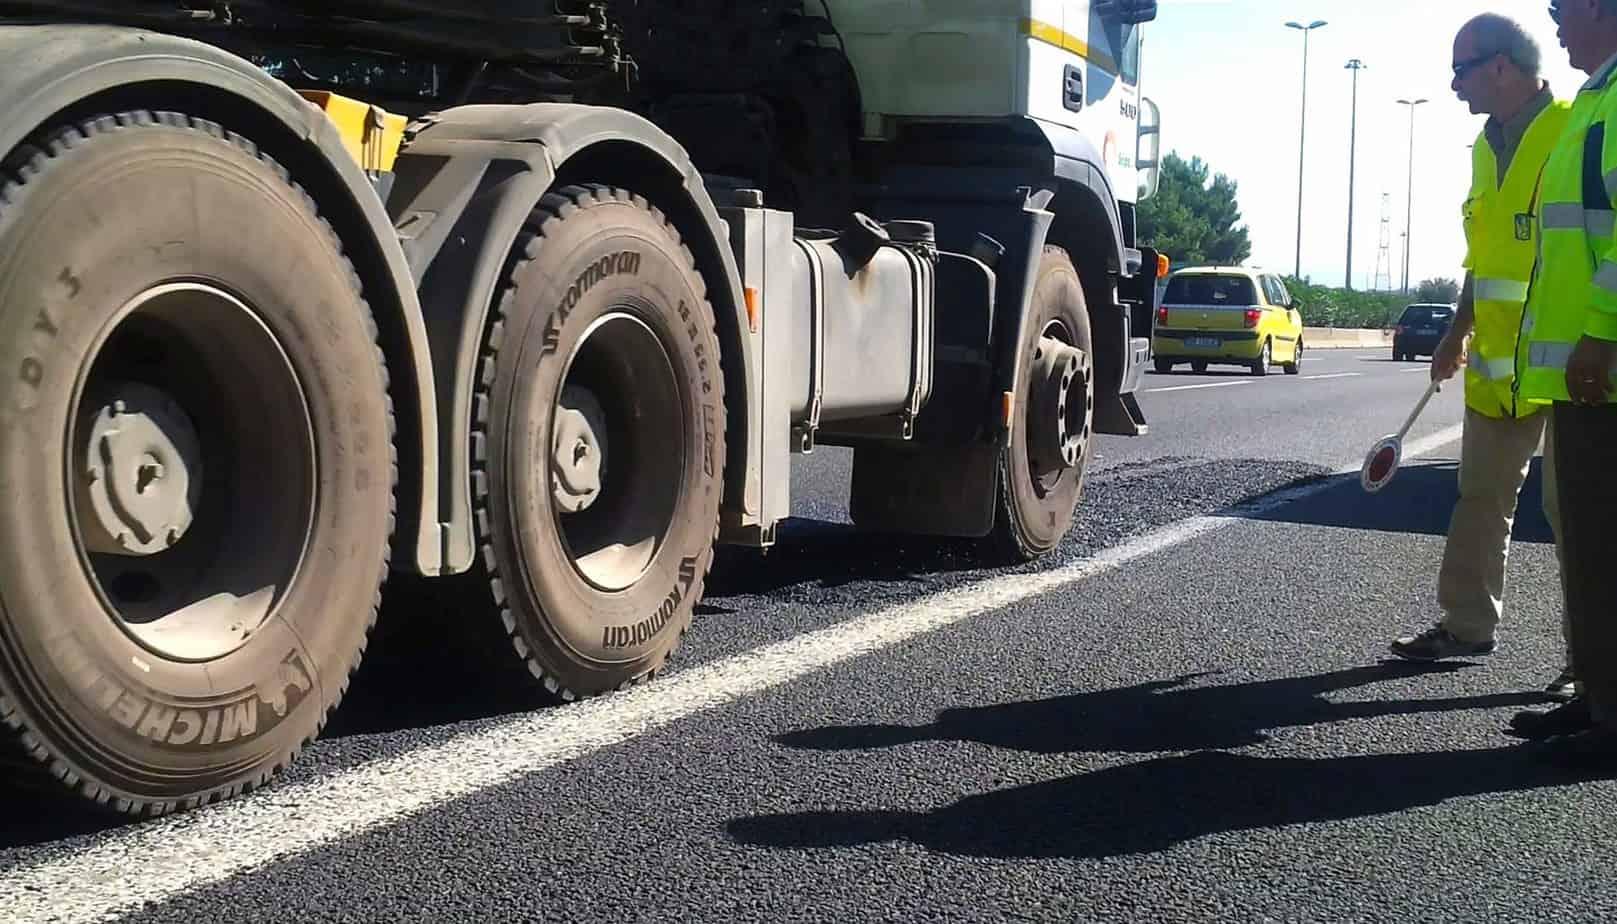 Terminata la stesa, il tratto è stato riaperto al traffico che, da solo, ha provveduto a compattarlo in maniera uniforme